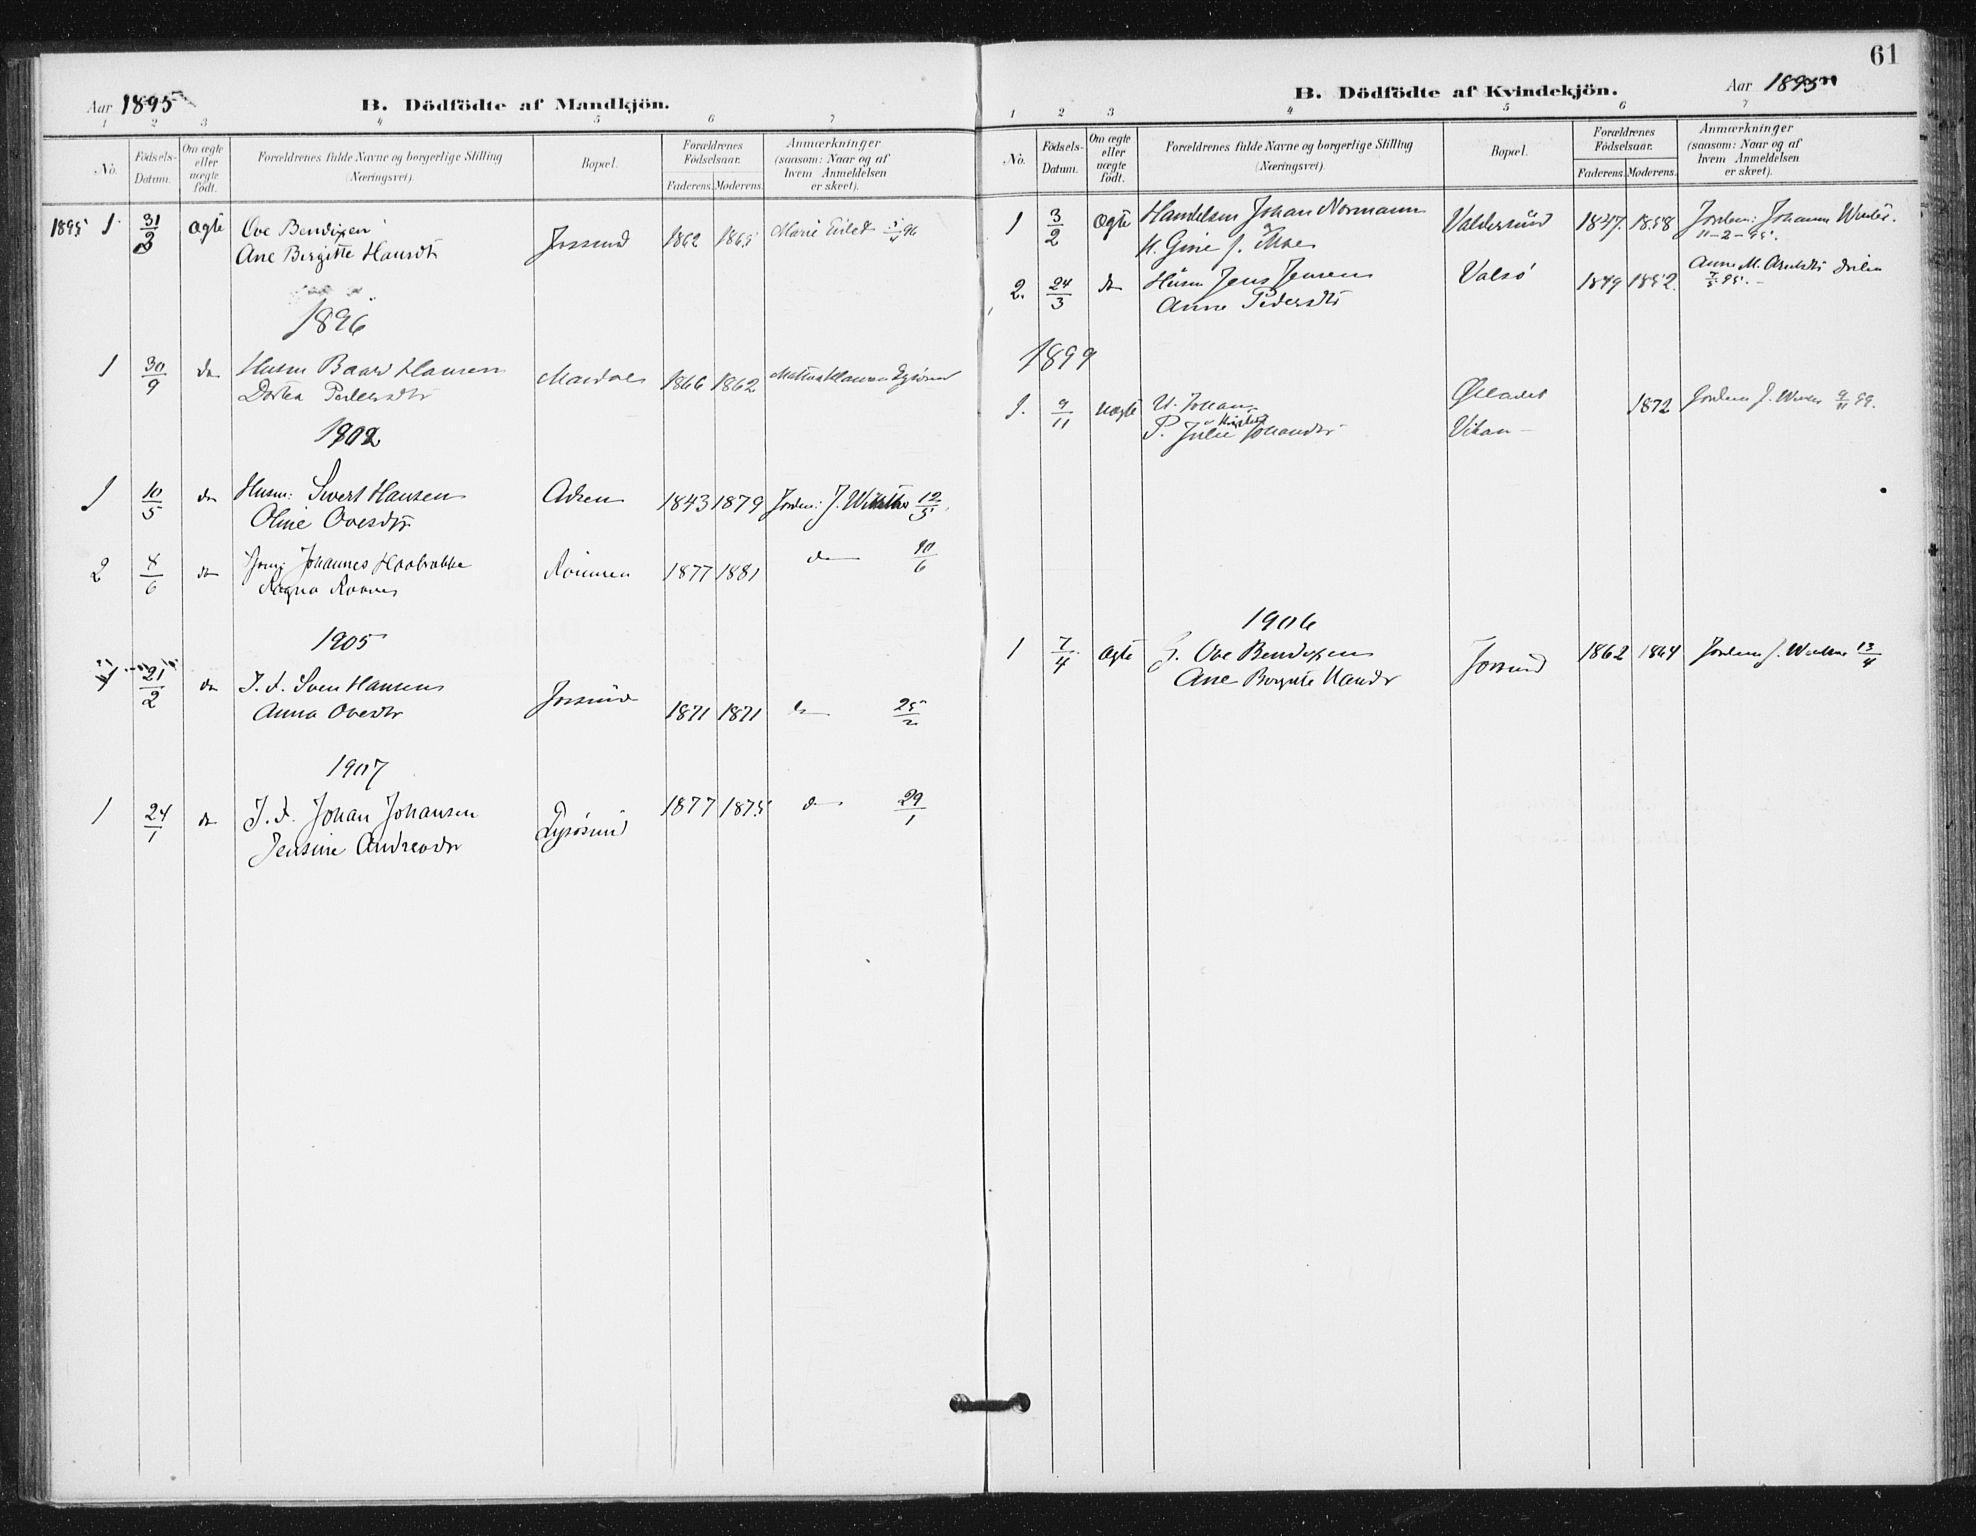 SAT, Ministerialprotokoller, klokkerbøker og fødselsregistre - Sør-Trøndelag, 654/L0664: Ministerialbok nr. 654A02, 1895-1907, s. 61